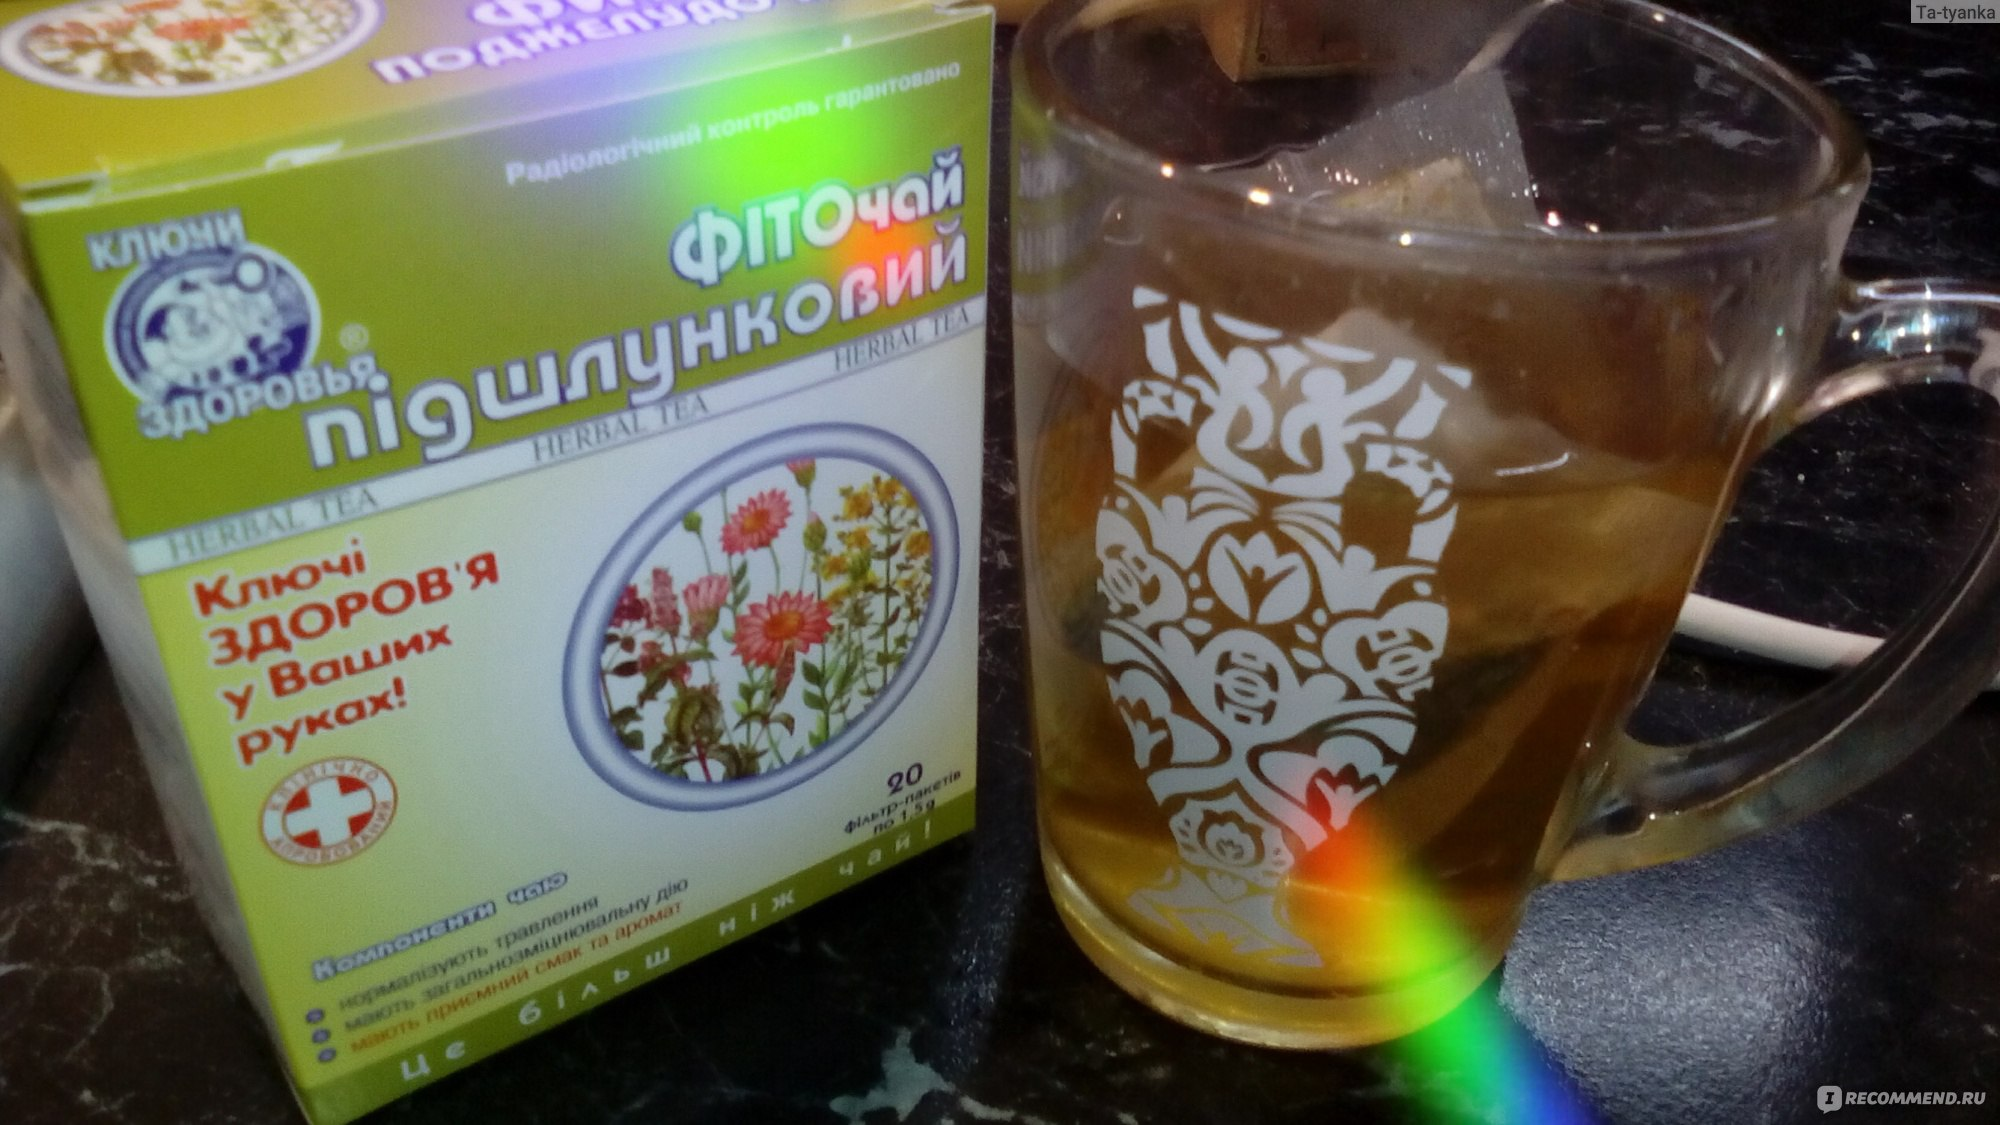 Чай от простуды в аптеке: названия, состав, эффективность